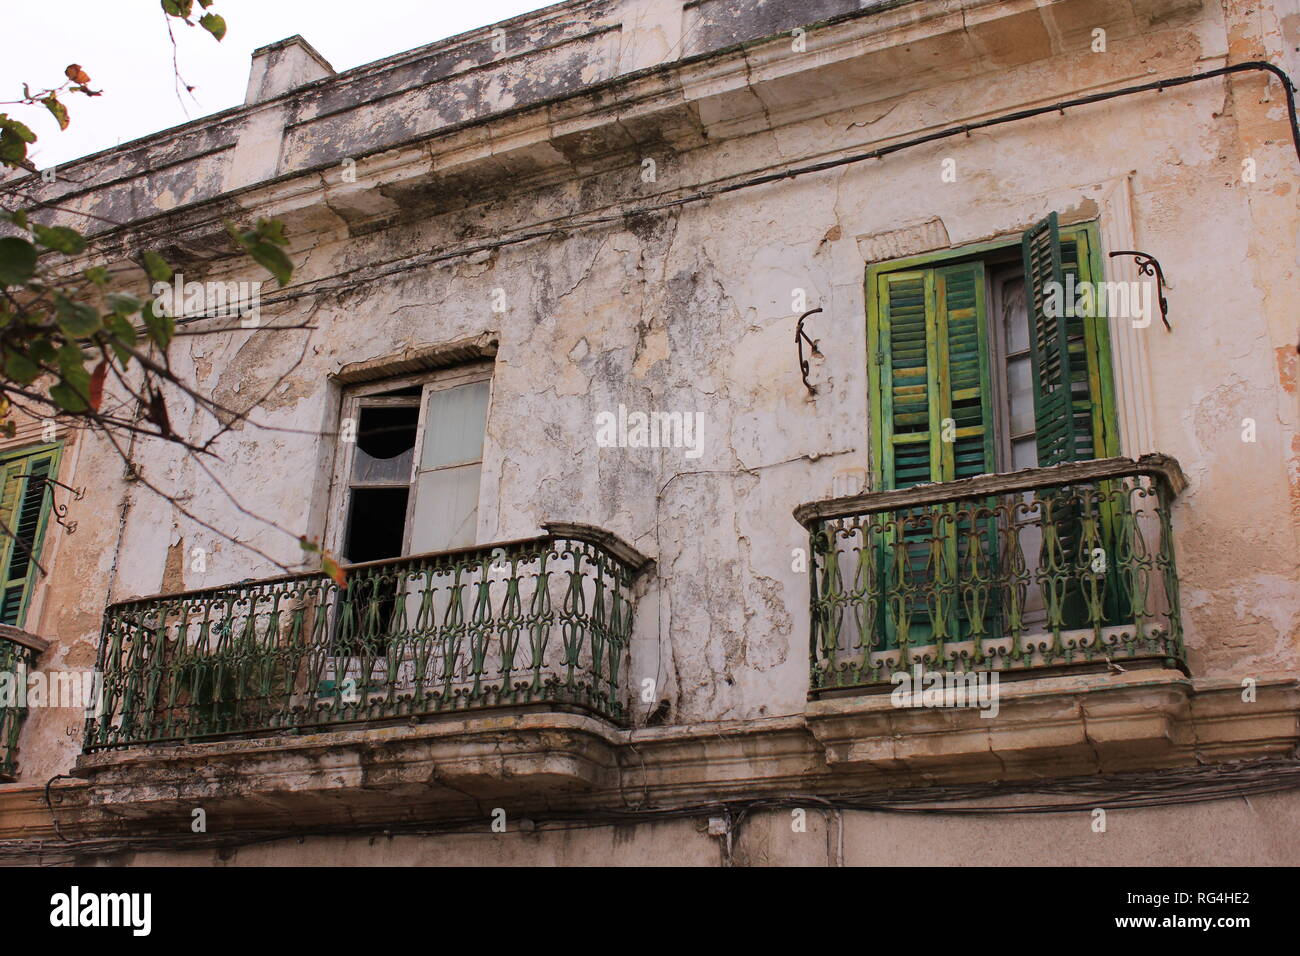 Verlassenes und herunter gekommenes Haus in Portugal mit Balkonen - Stock Image